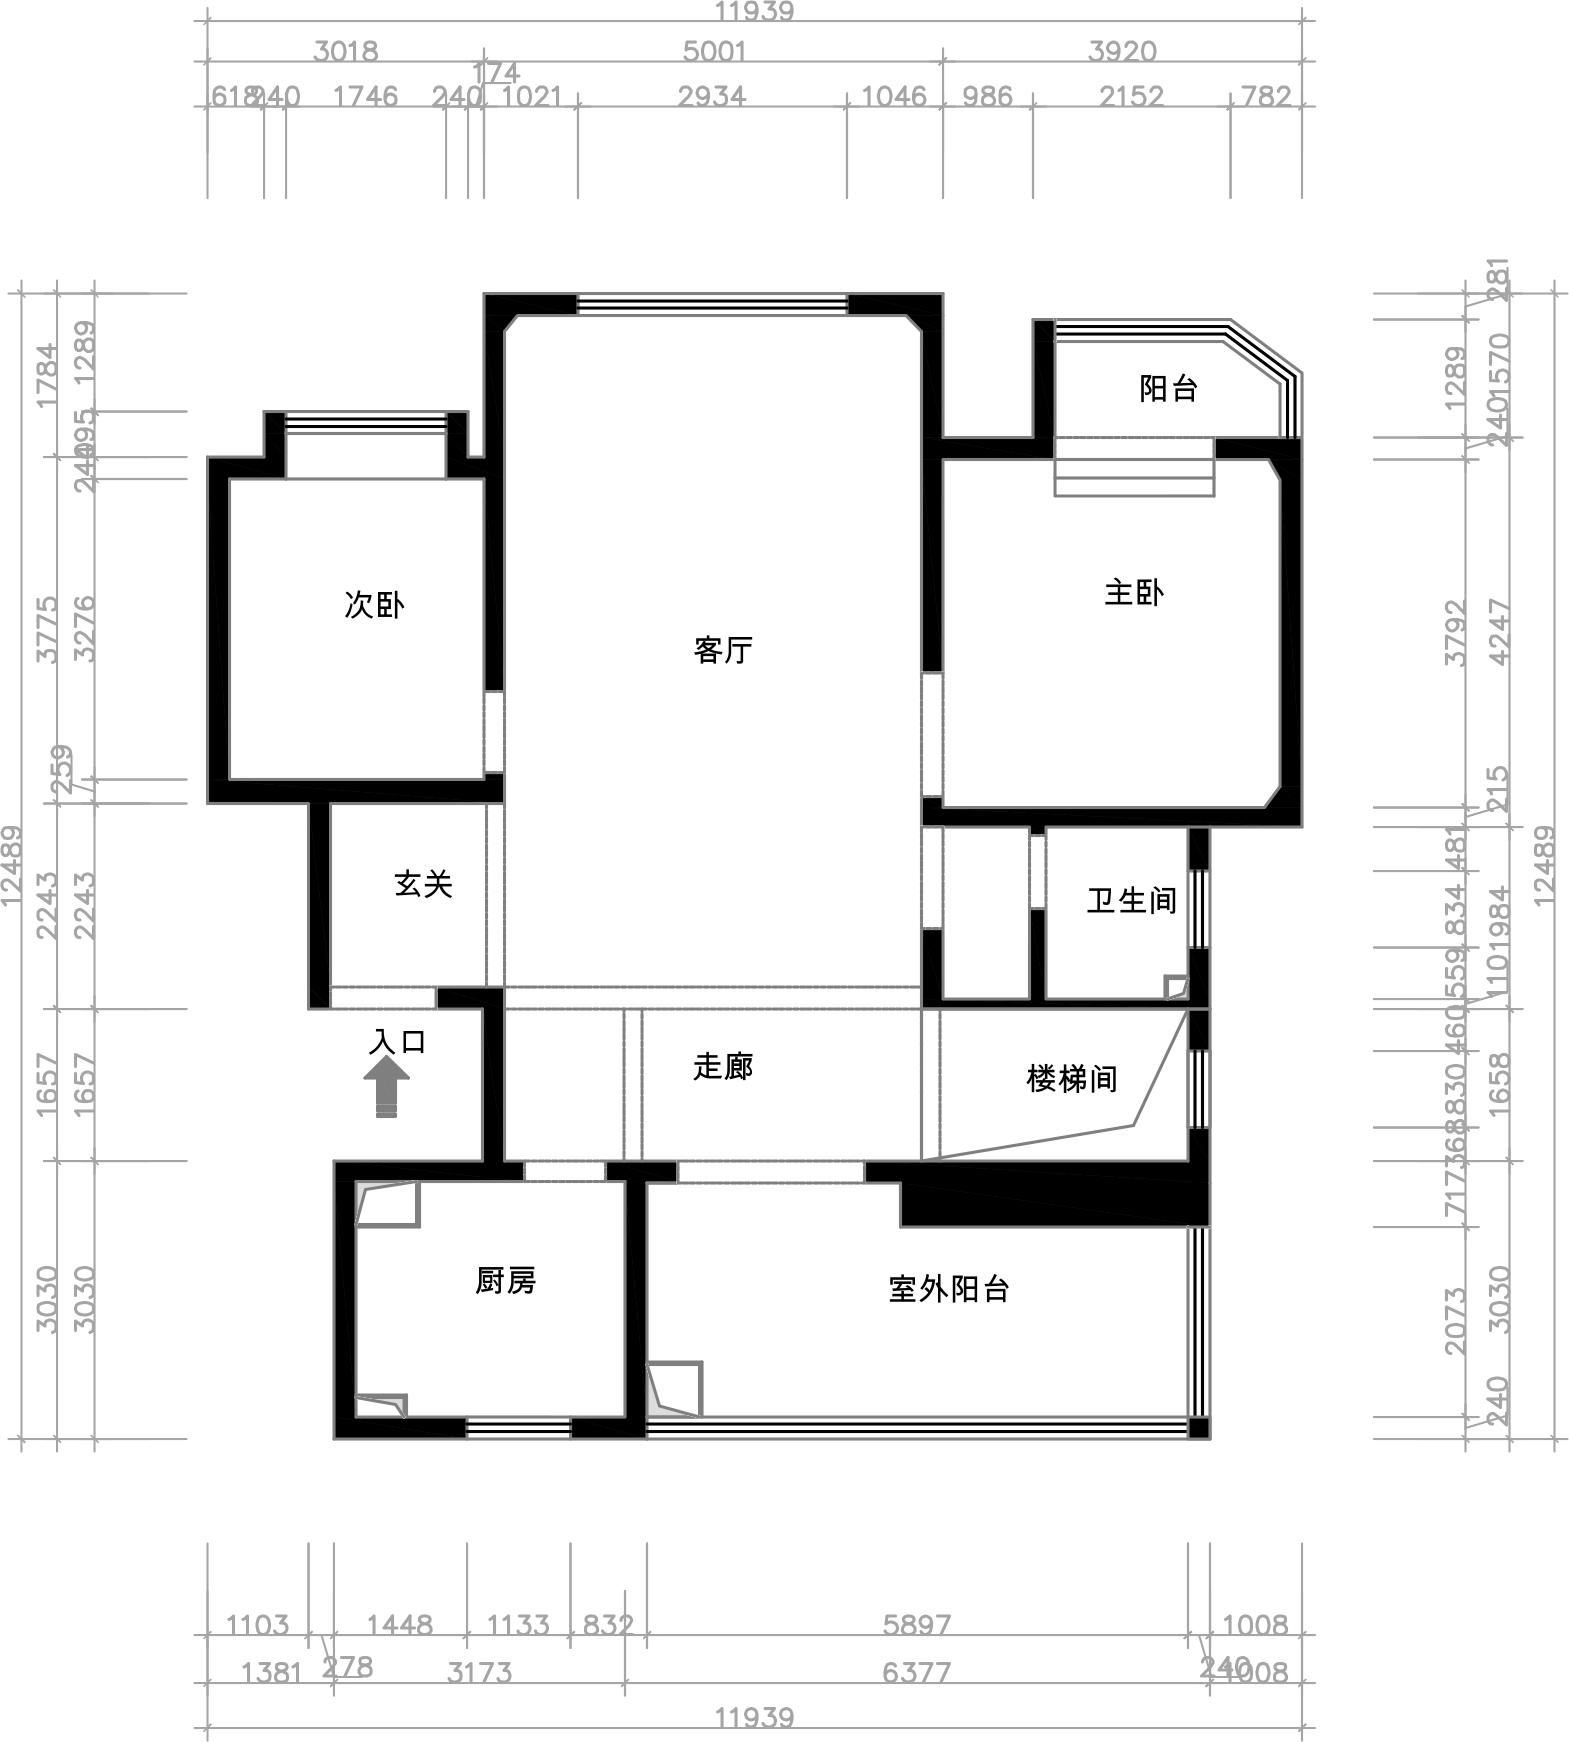 朝阳首府163平三室二厅新中式风格装修效果图装修设计理念